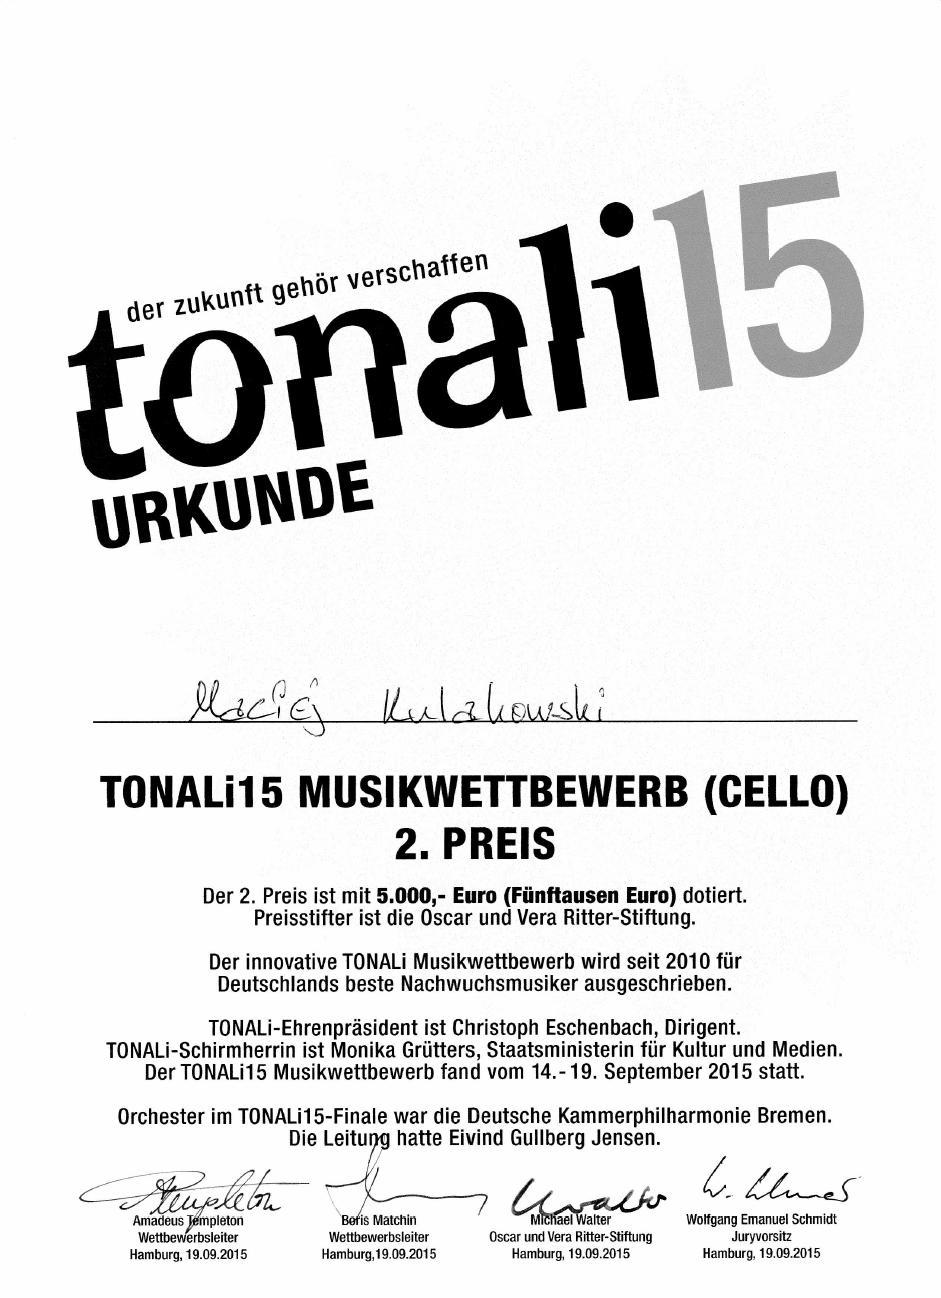 Kulakowski_Maciej_nagroda_Tonali15_2